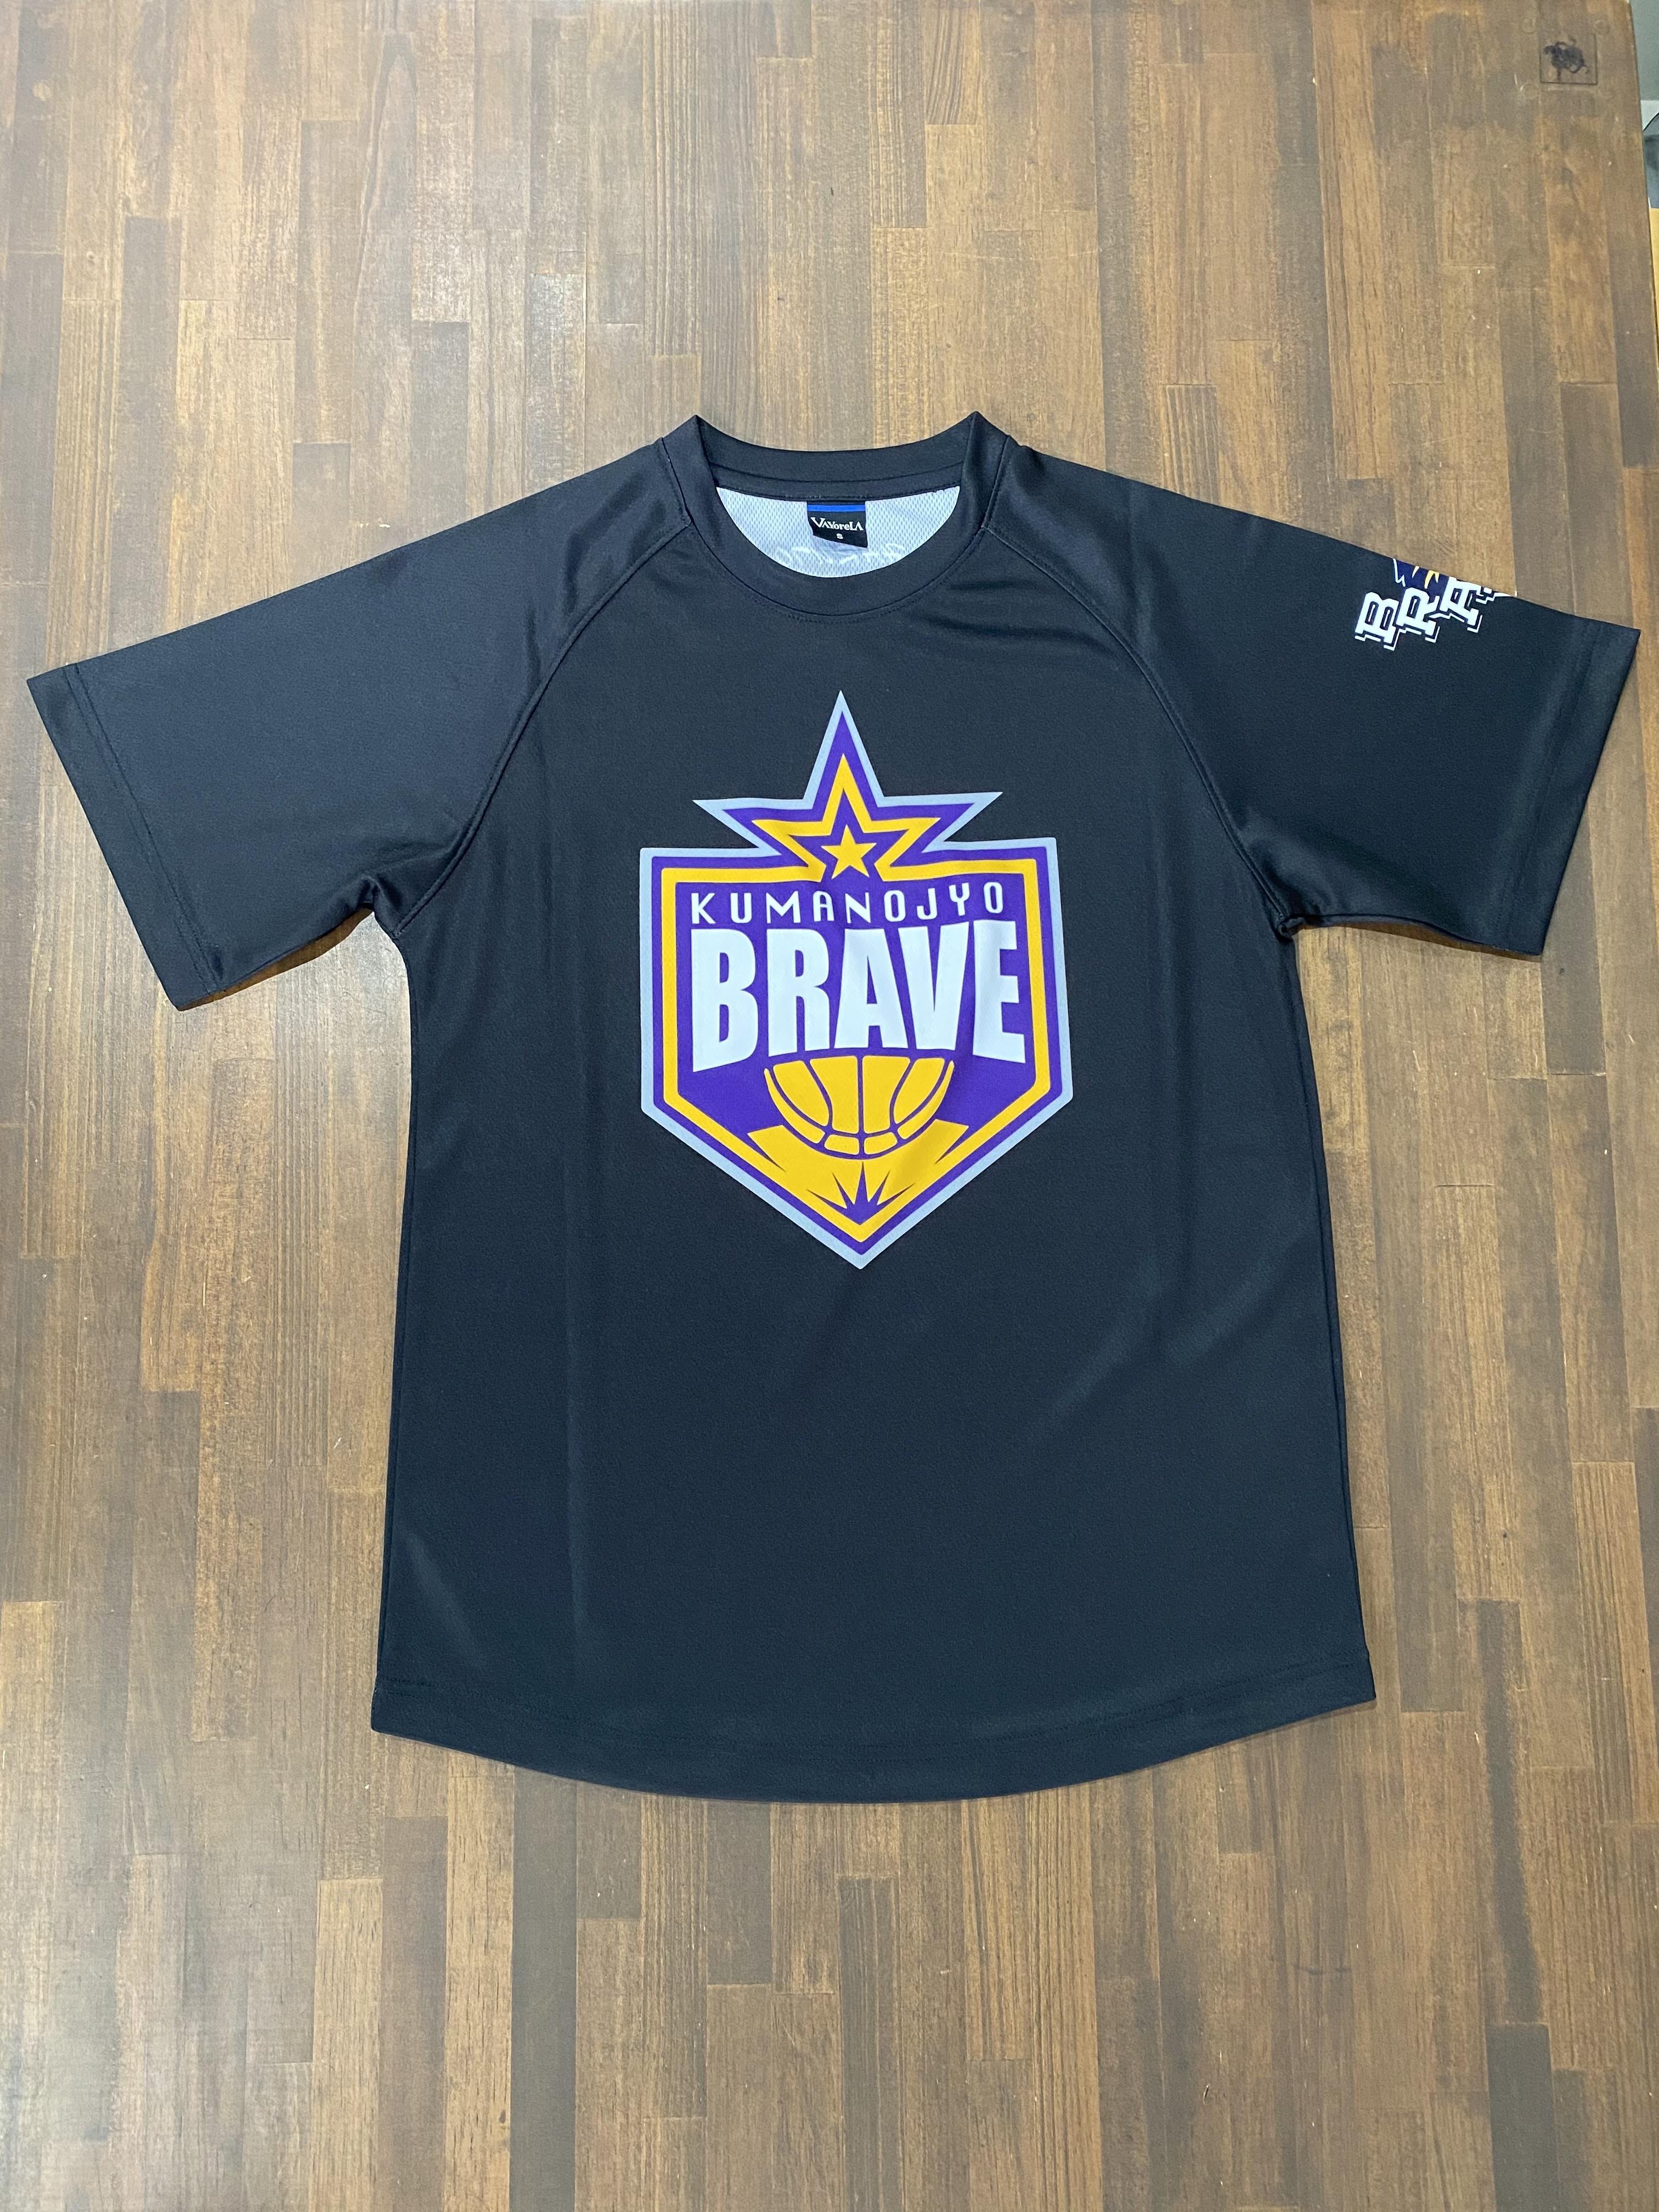 【デザインサンプル】隈之城BRAVE BOYS  (U12・男子)  昇華Tシャツ